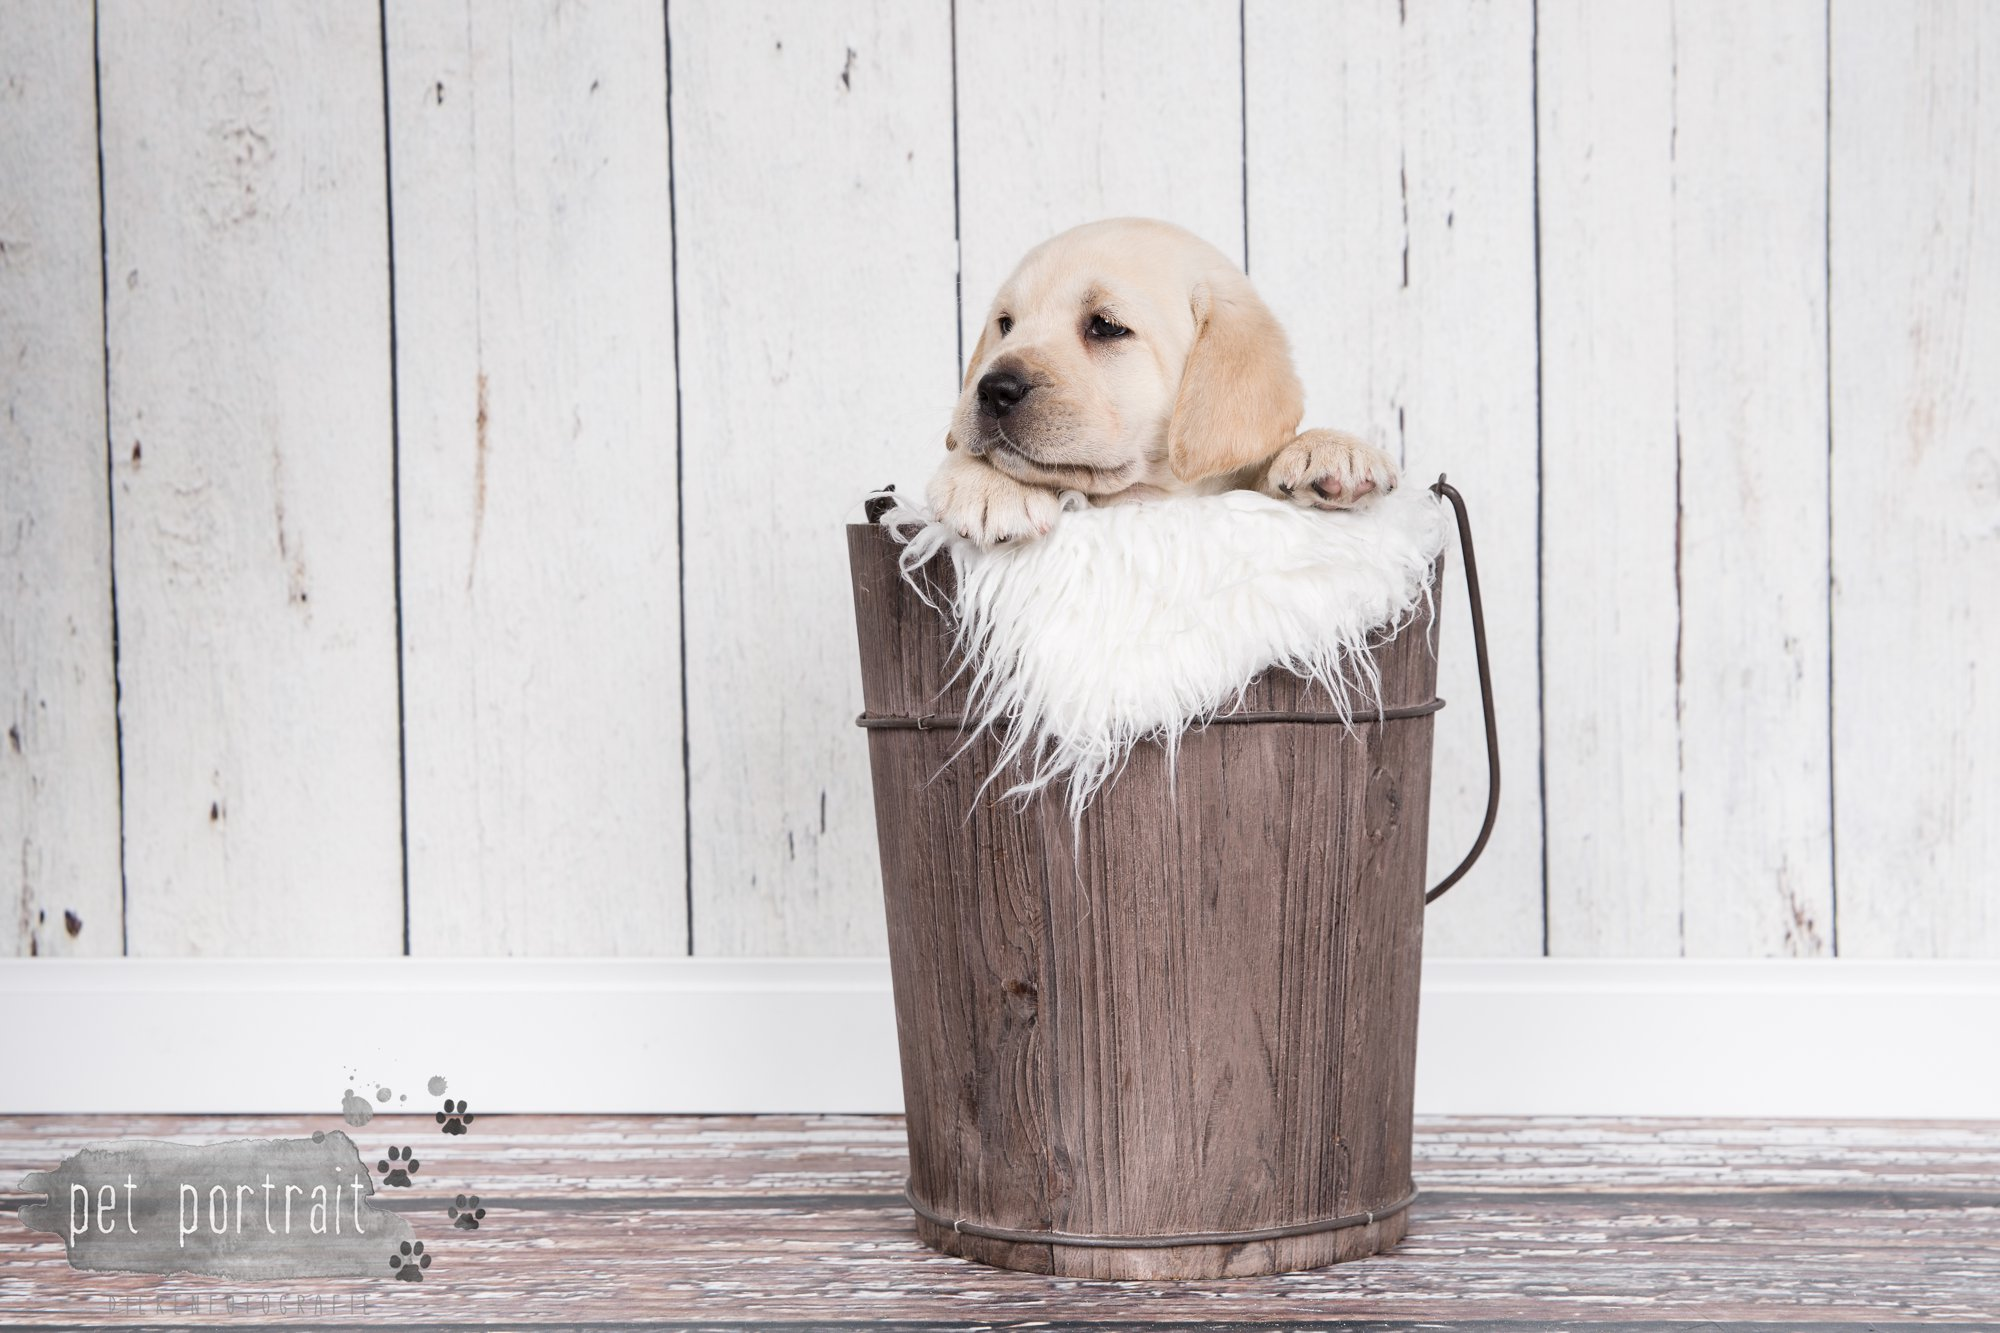 Hondenfotograaf Hillegom - Nestfotoshoot voor Labrador pups-30